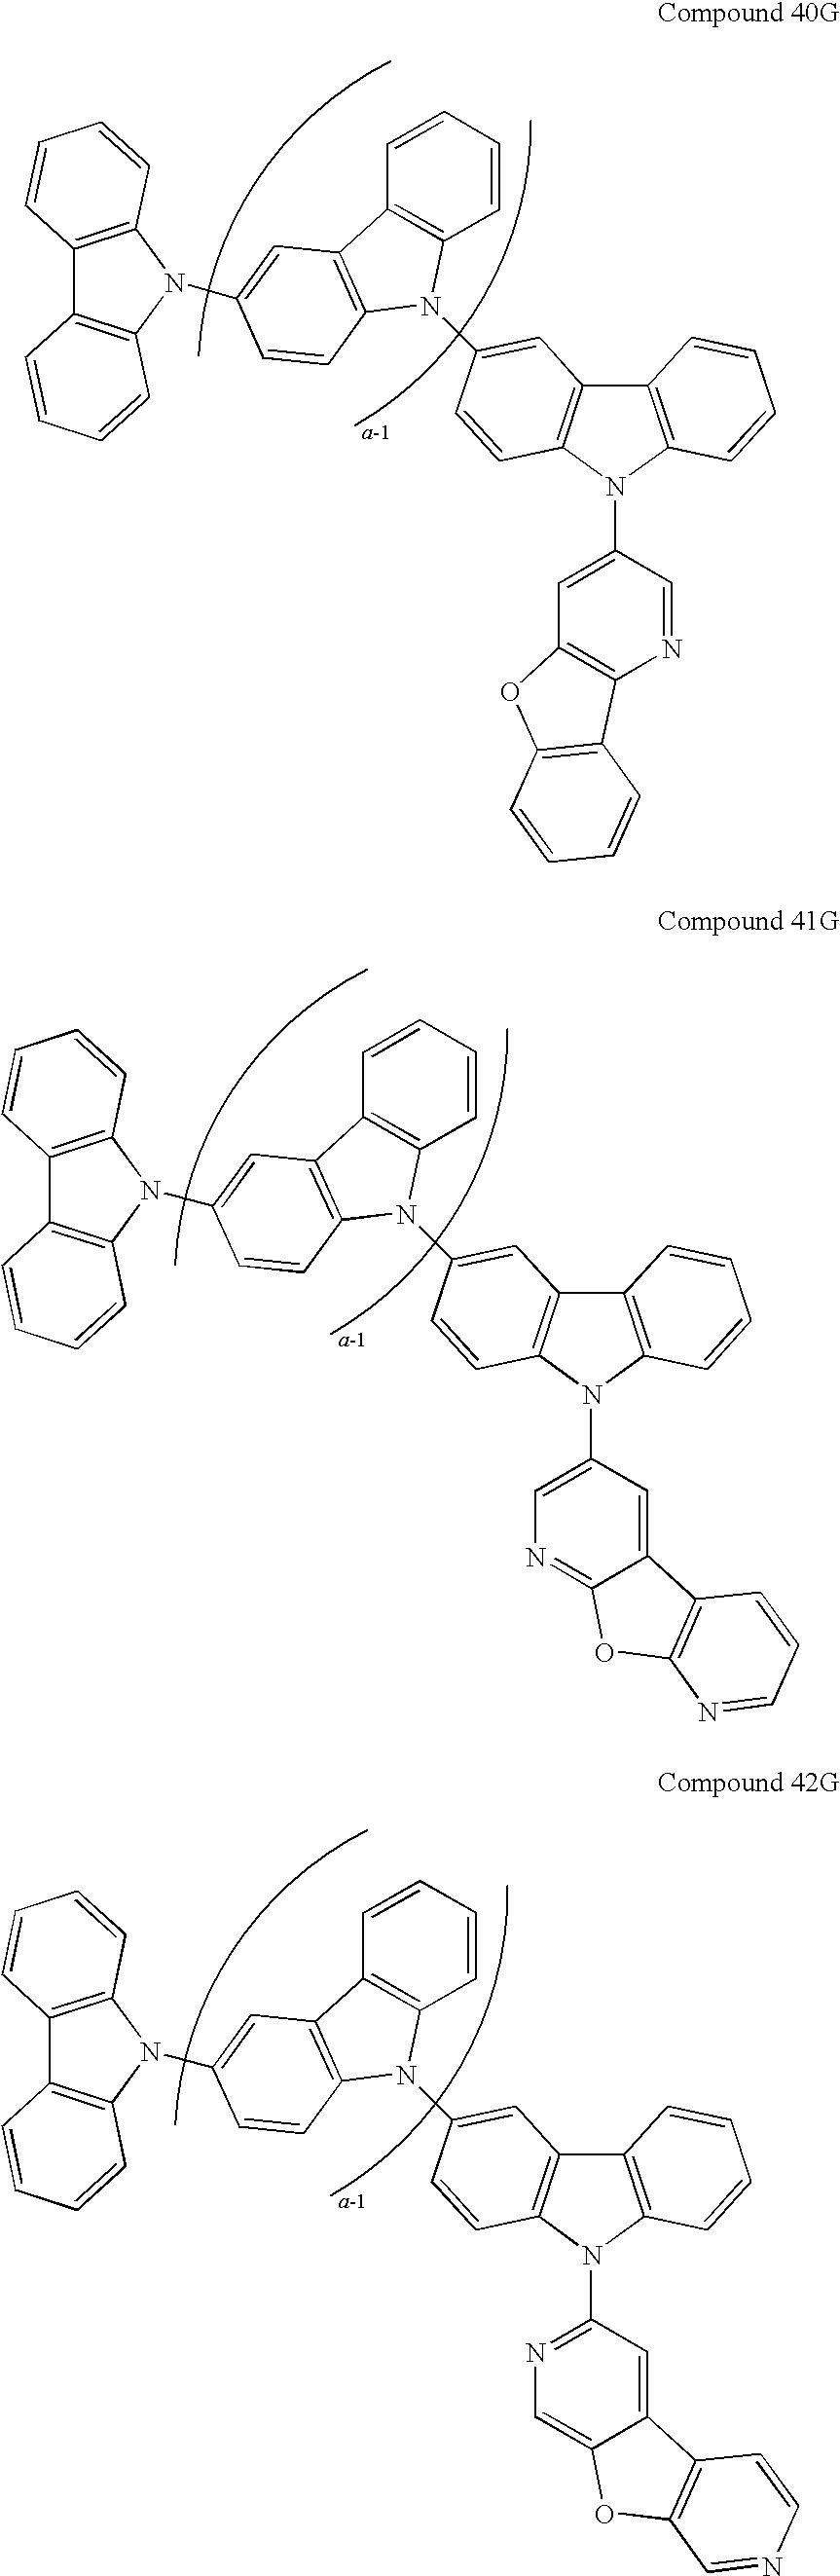 Figure US20090134784A1-20090528-C00157